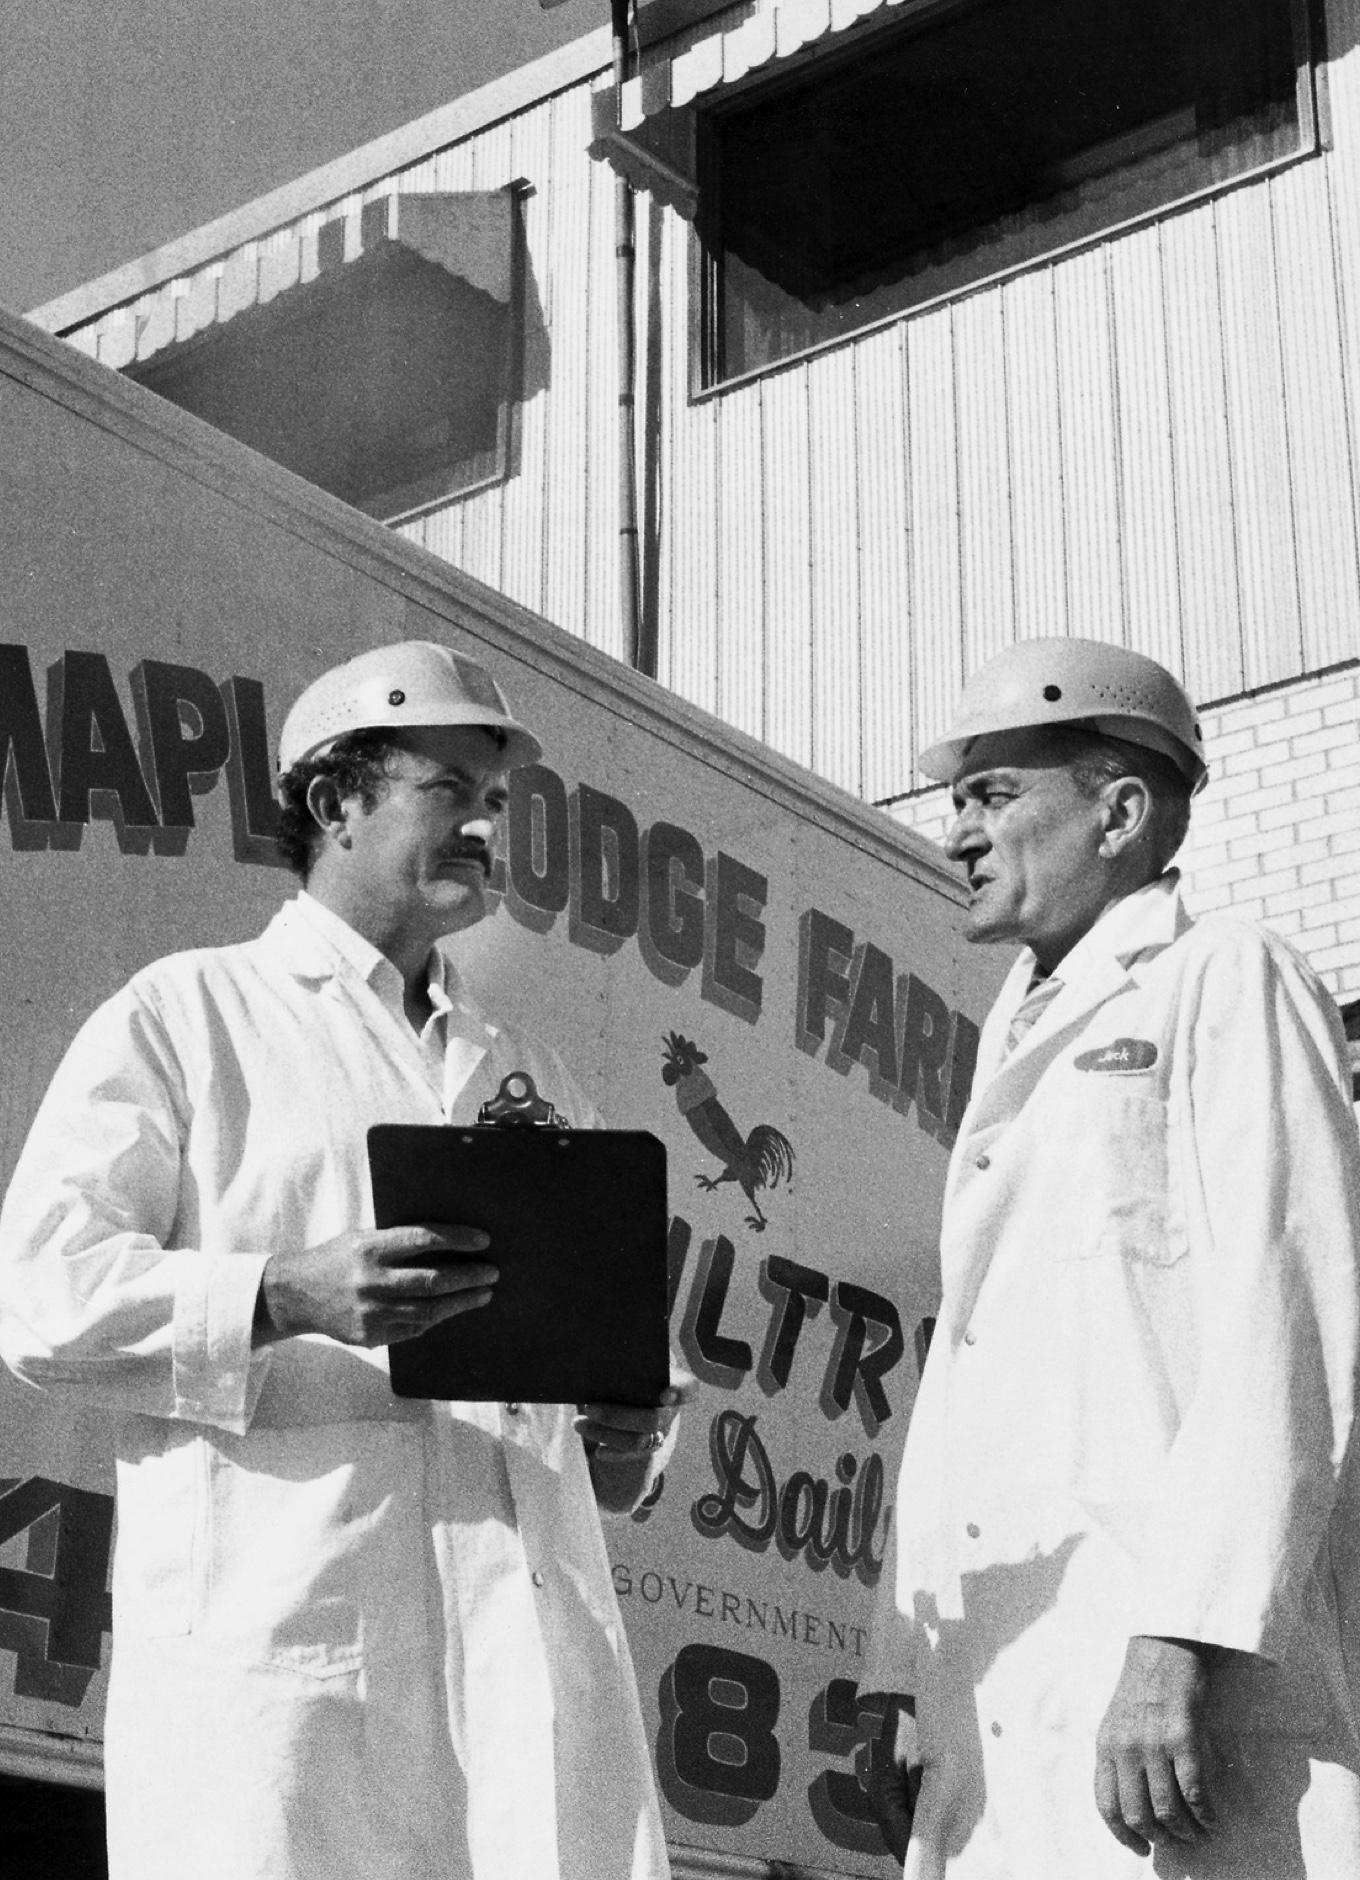 Une photo de deux employés de Maple Lodge Farms à côté d'un truc des années 60.